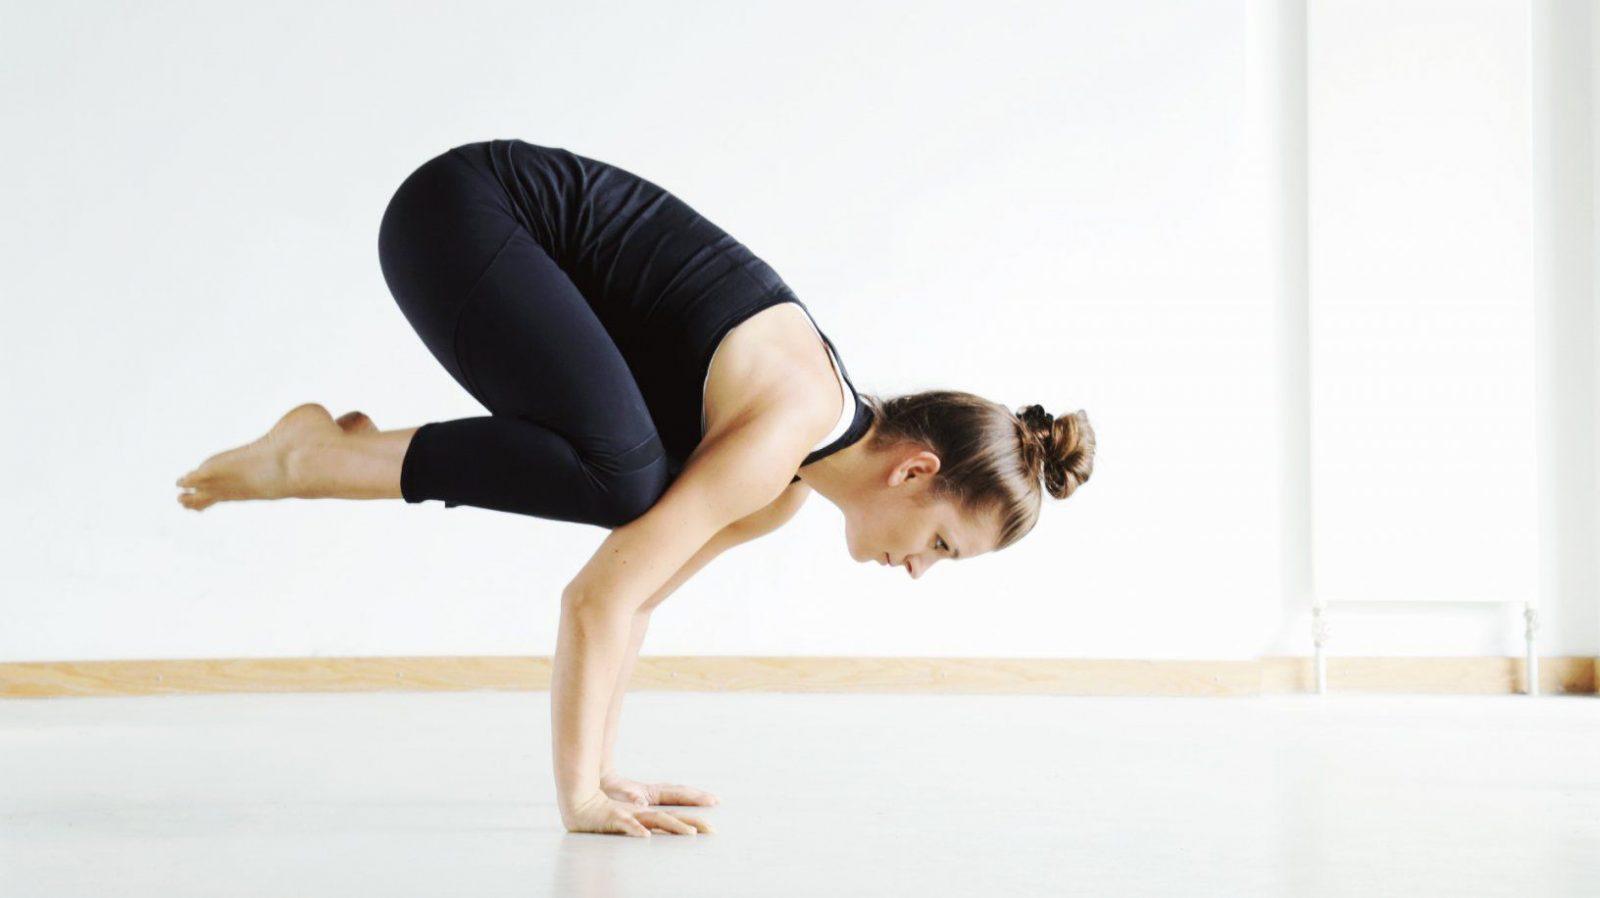 Yoga Krähe Bakasana Lernen Für Anfänger  Mady Morrison  Yoga Lifestyle von Yoga Lernen Zu Hause Photo